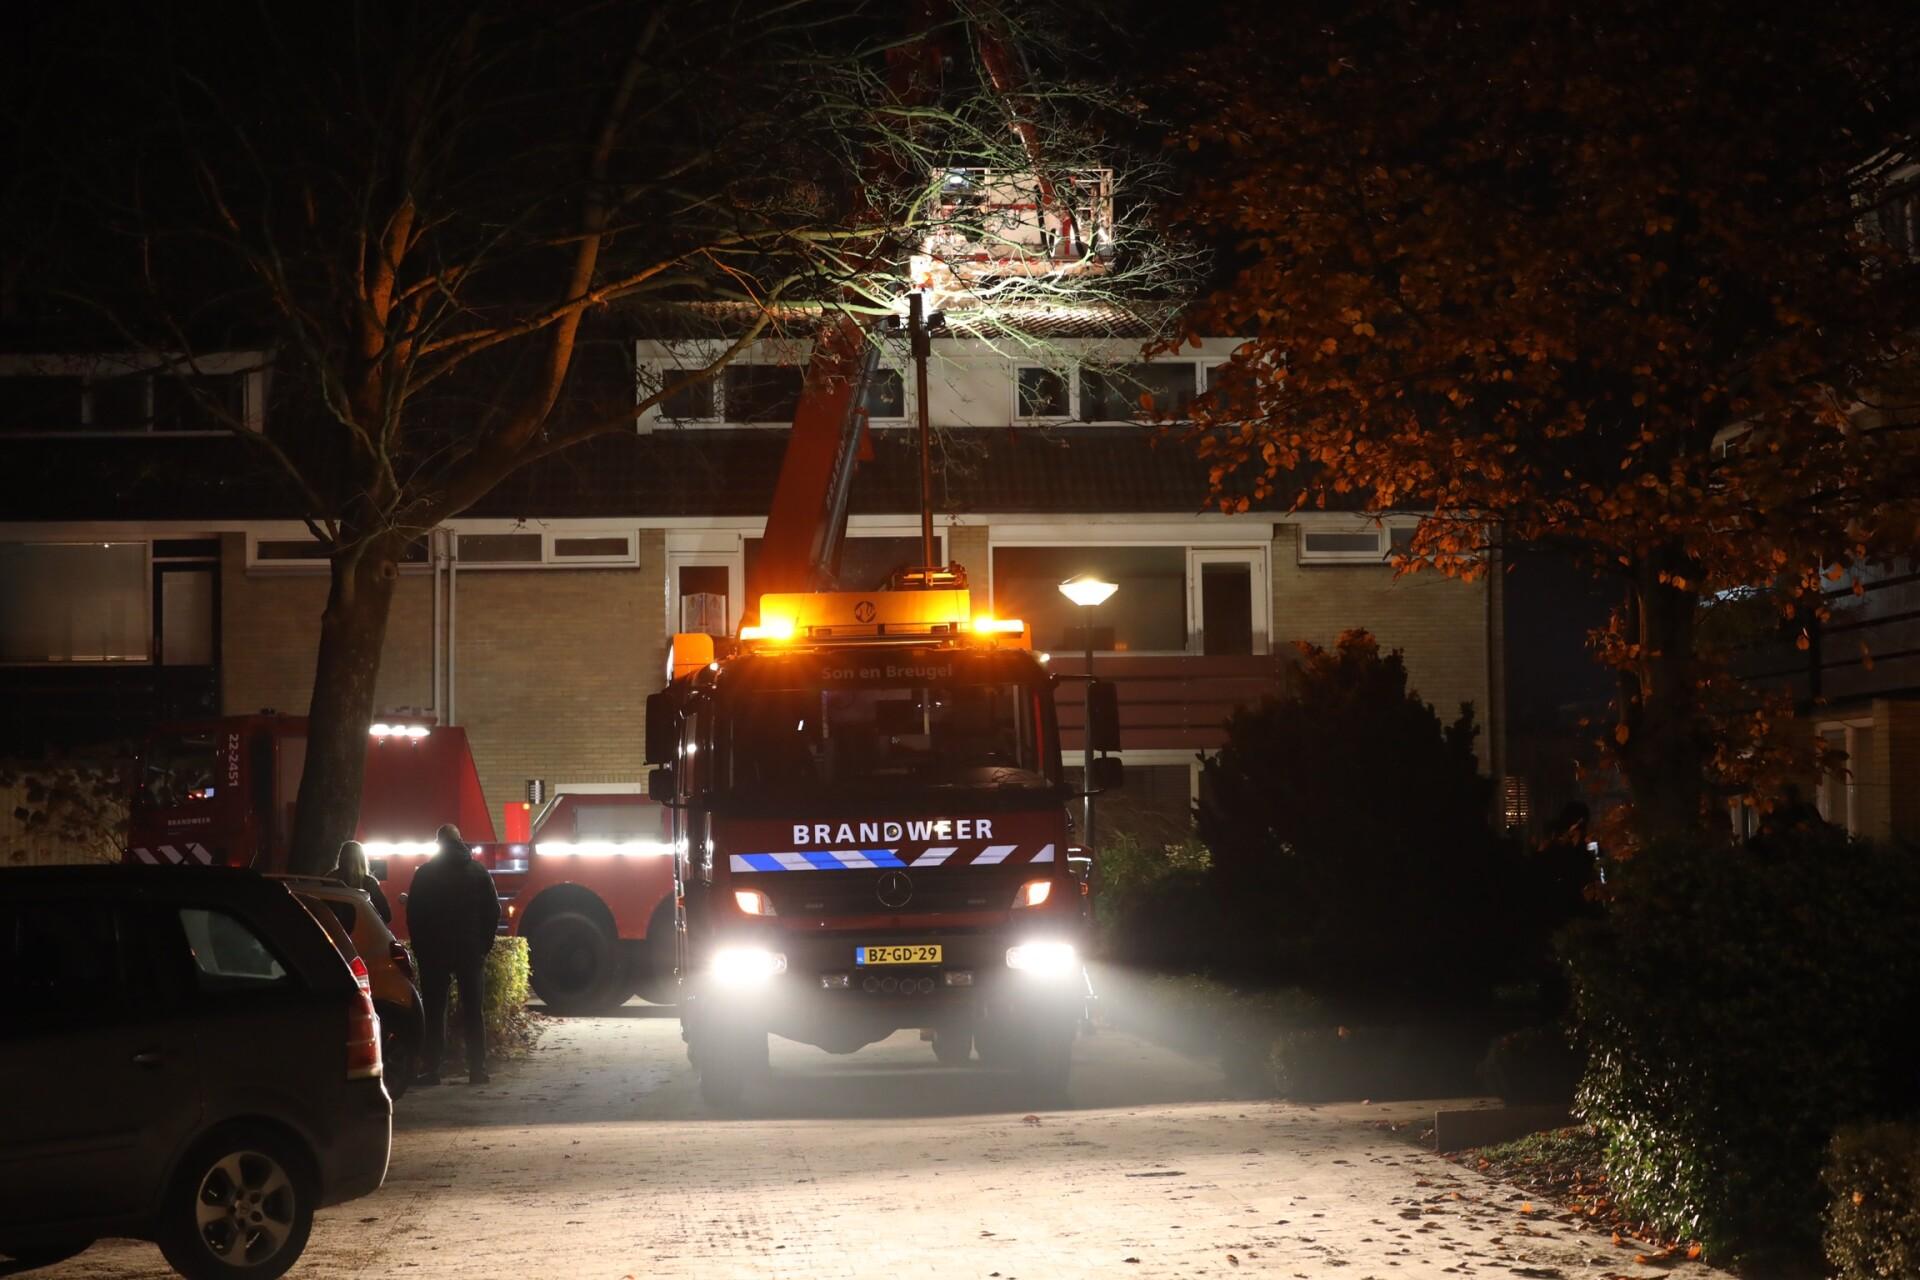 Brandweer bij schoorsteenbrand